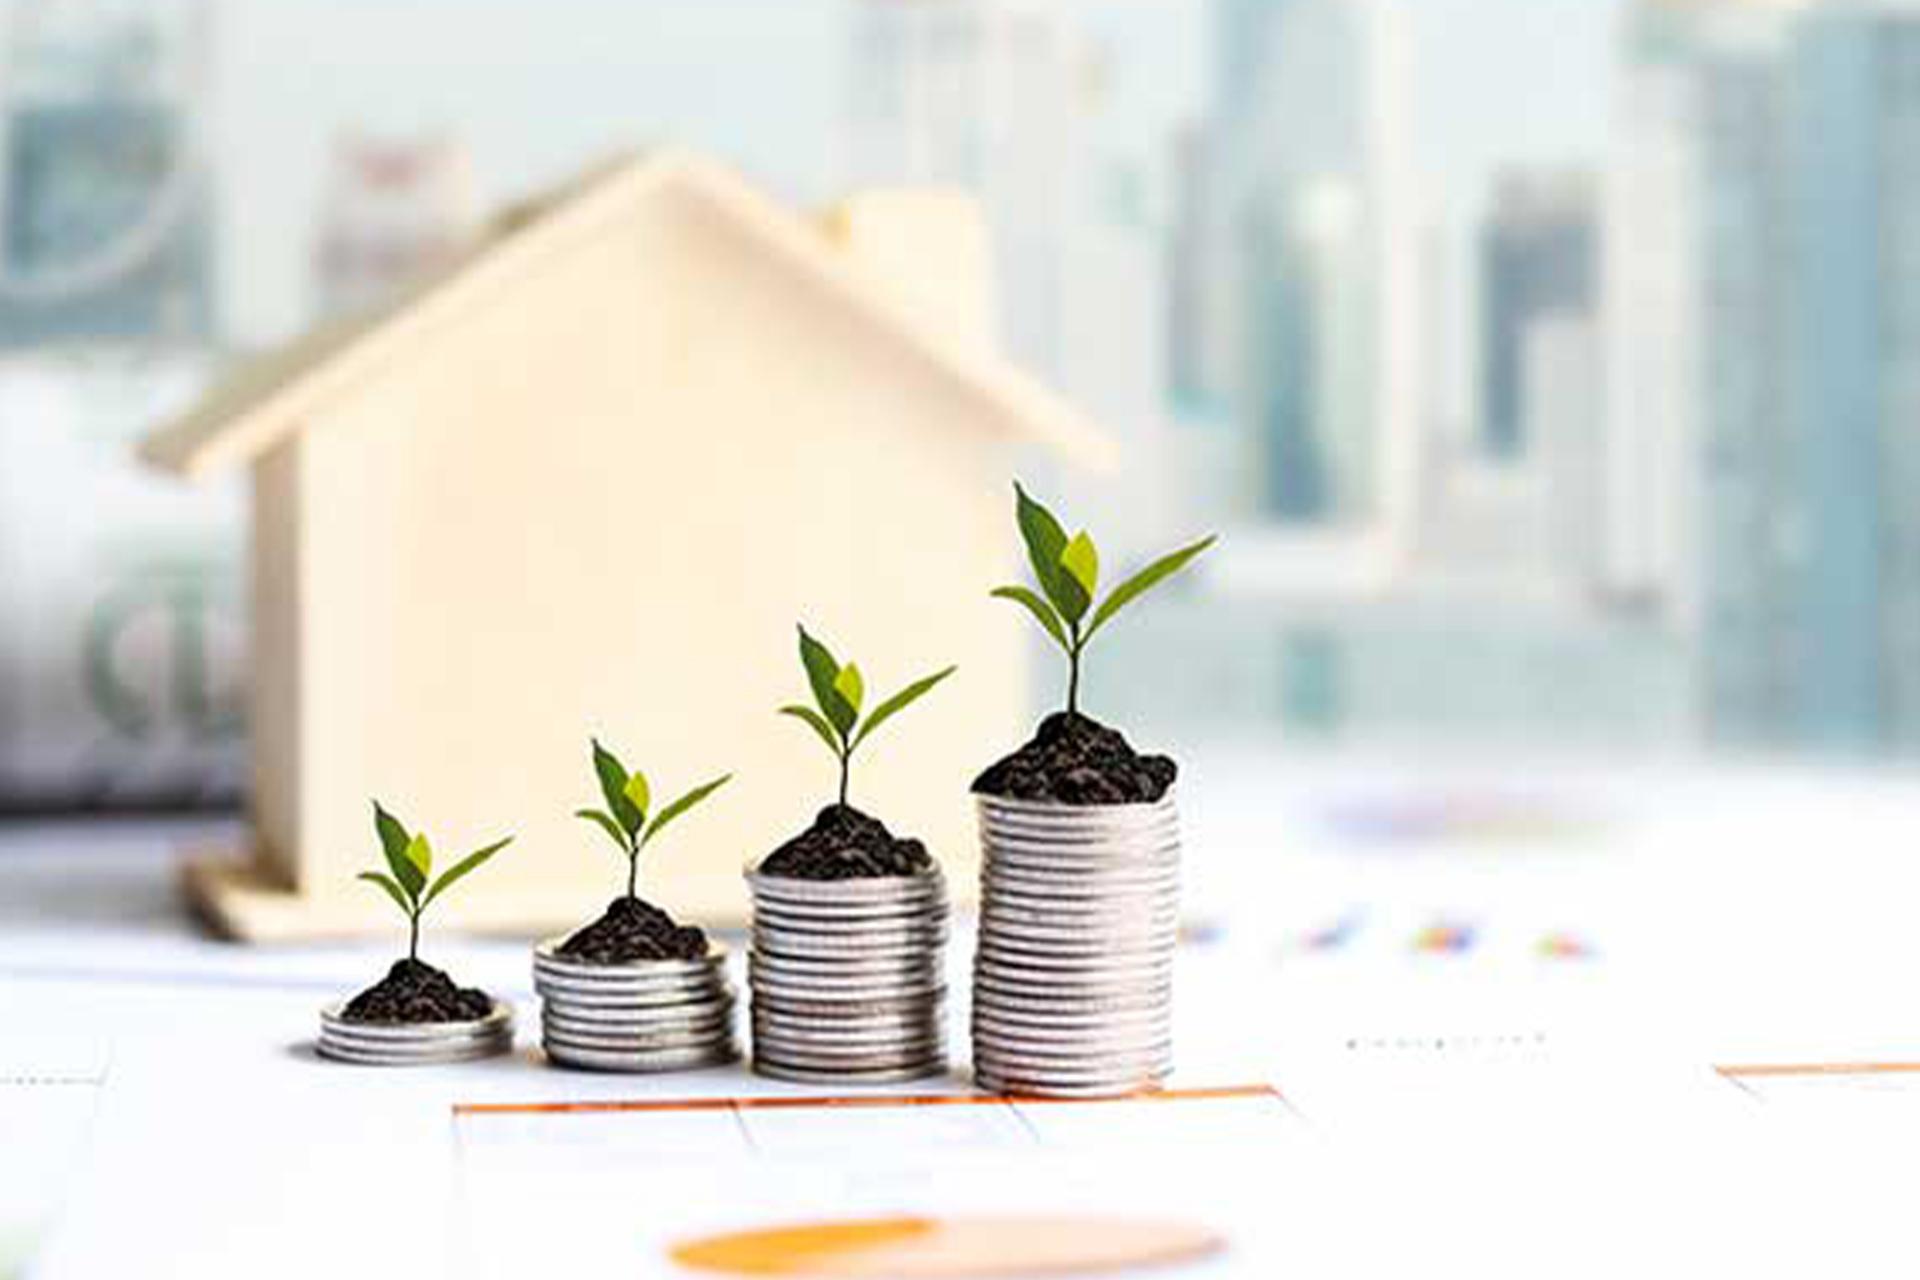 Finanzplanung, Geldanlagen